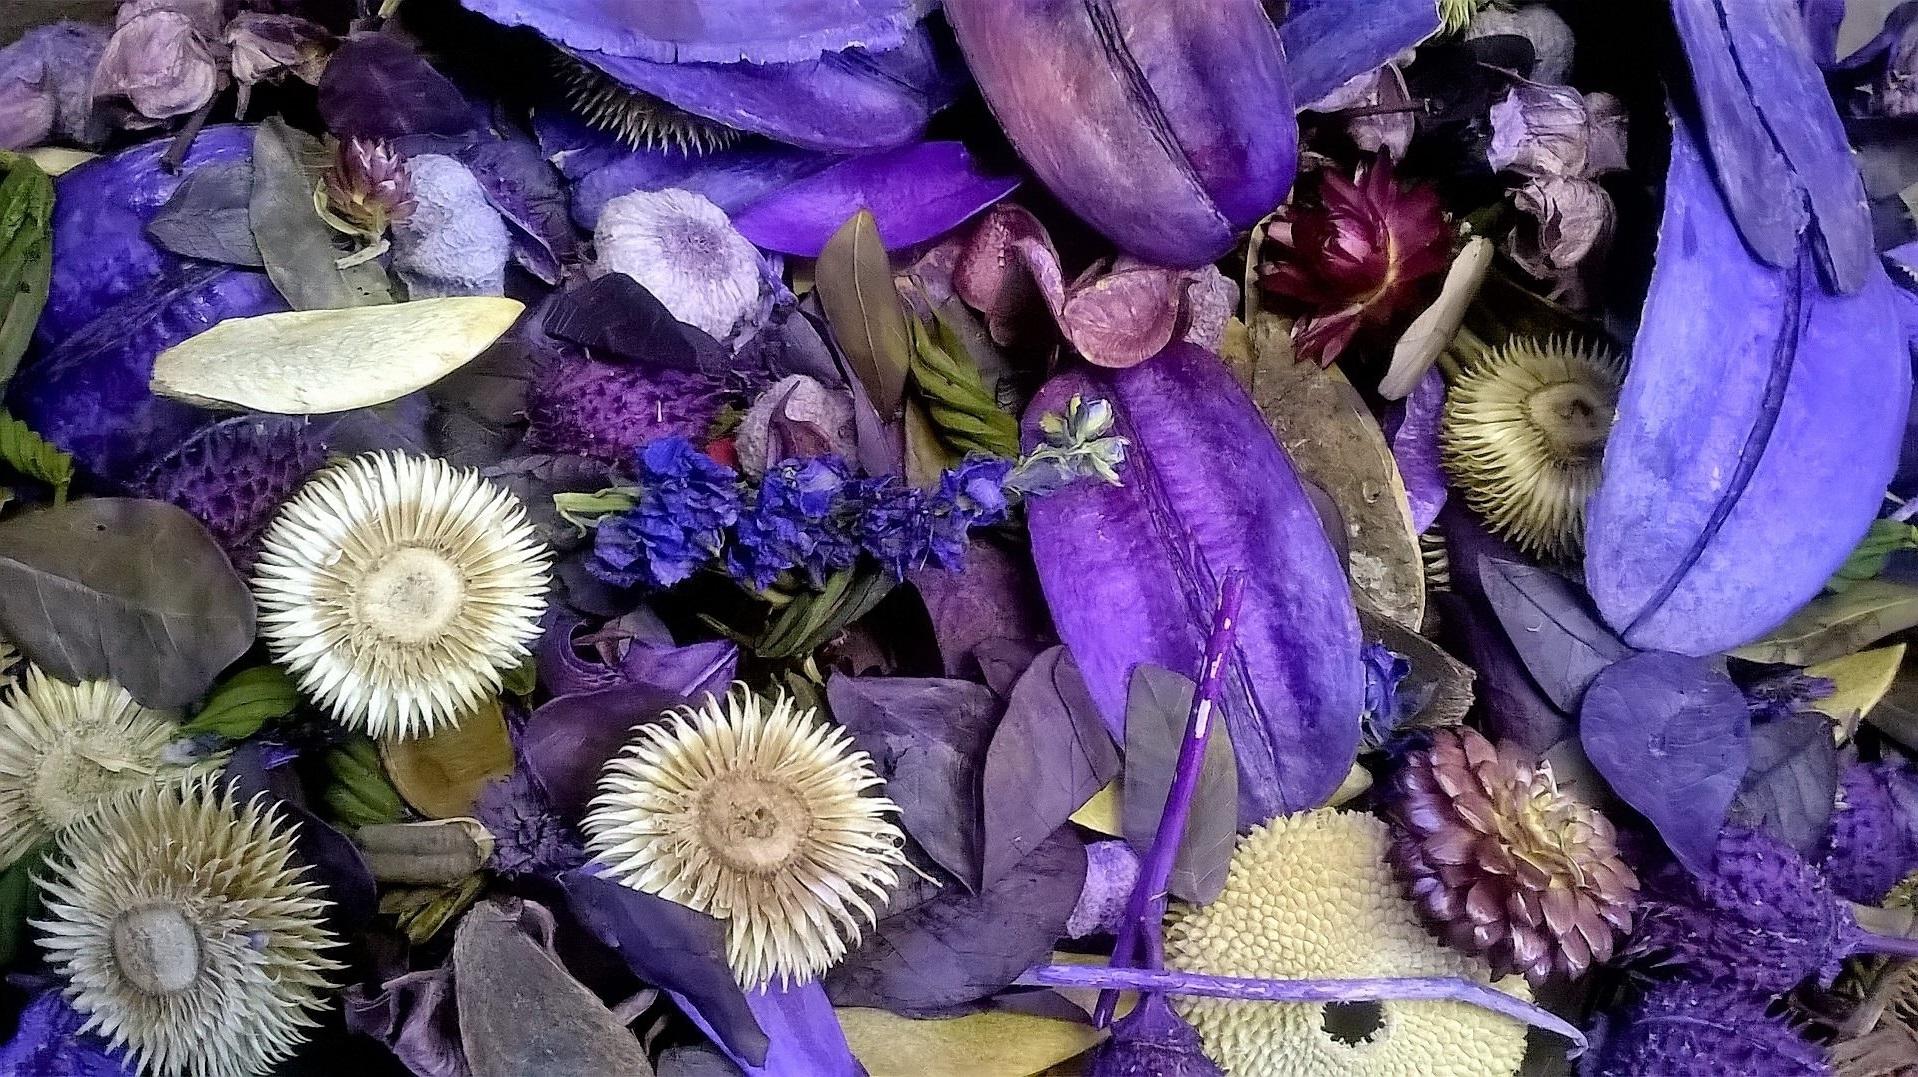 Pot-pouri violet.